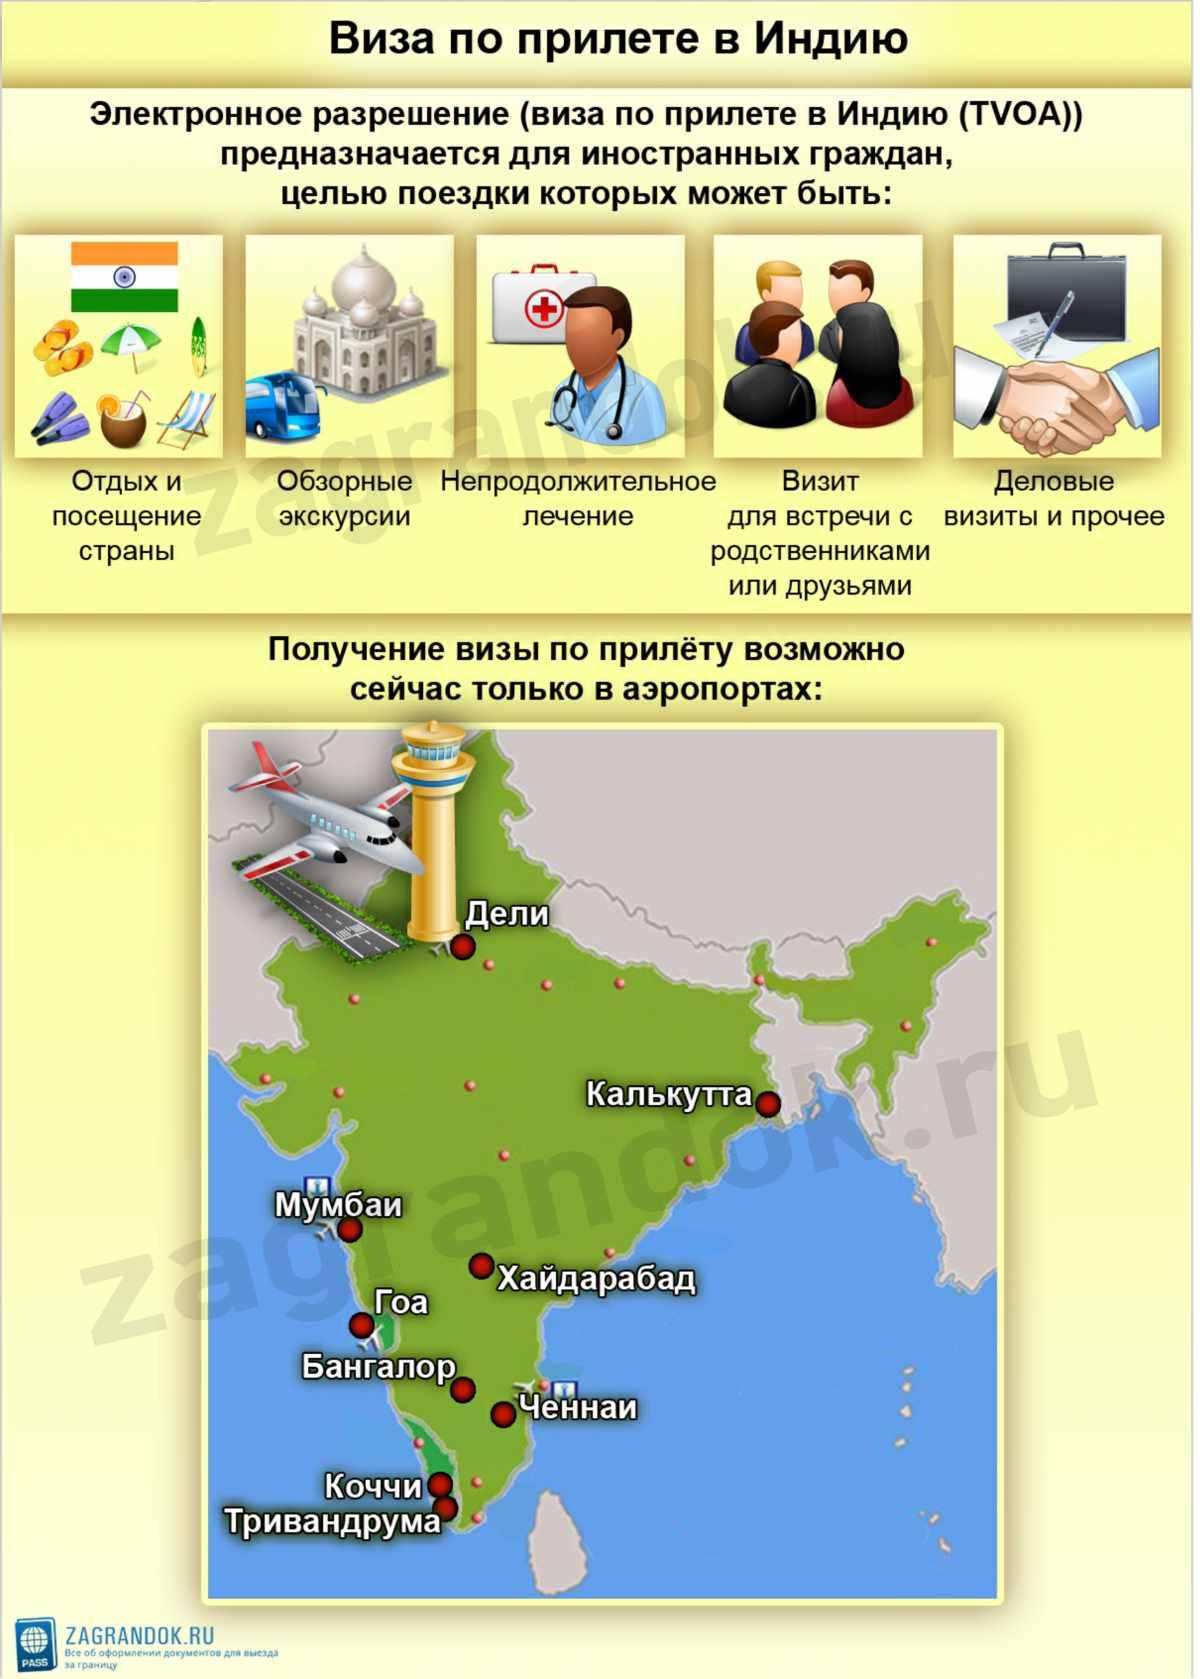 Виза в Индию по прилету в 2017 году